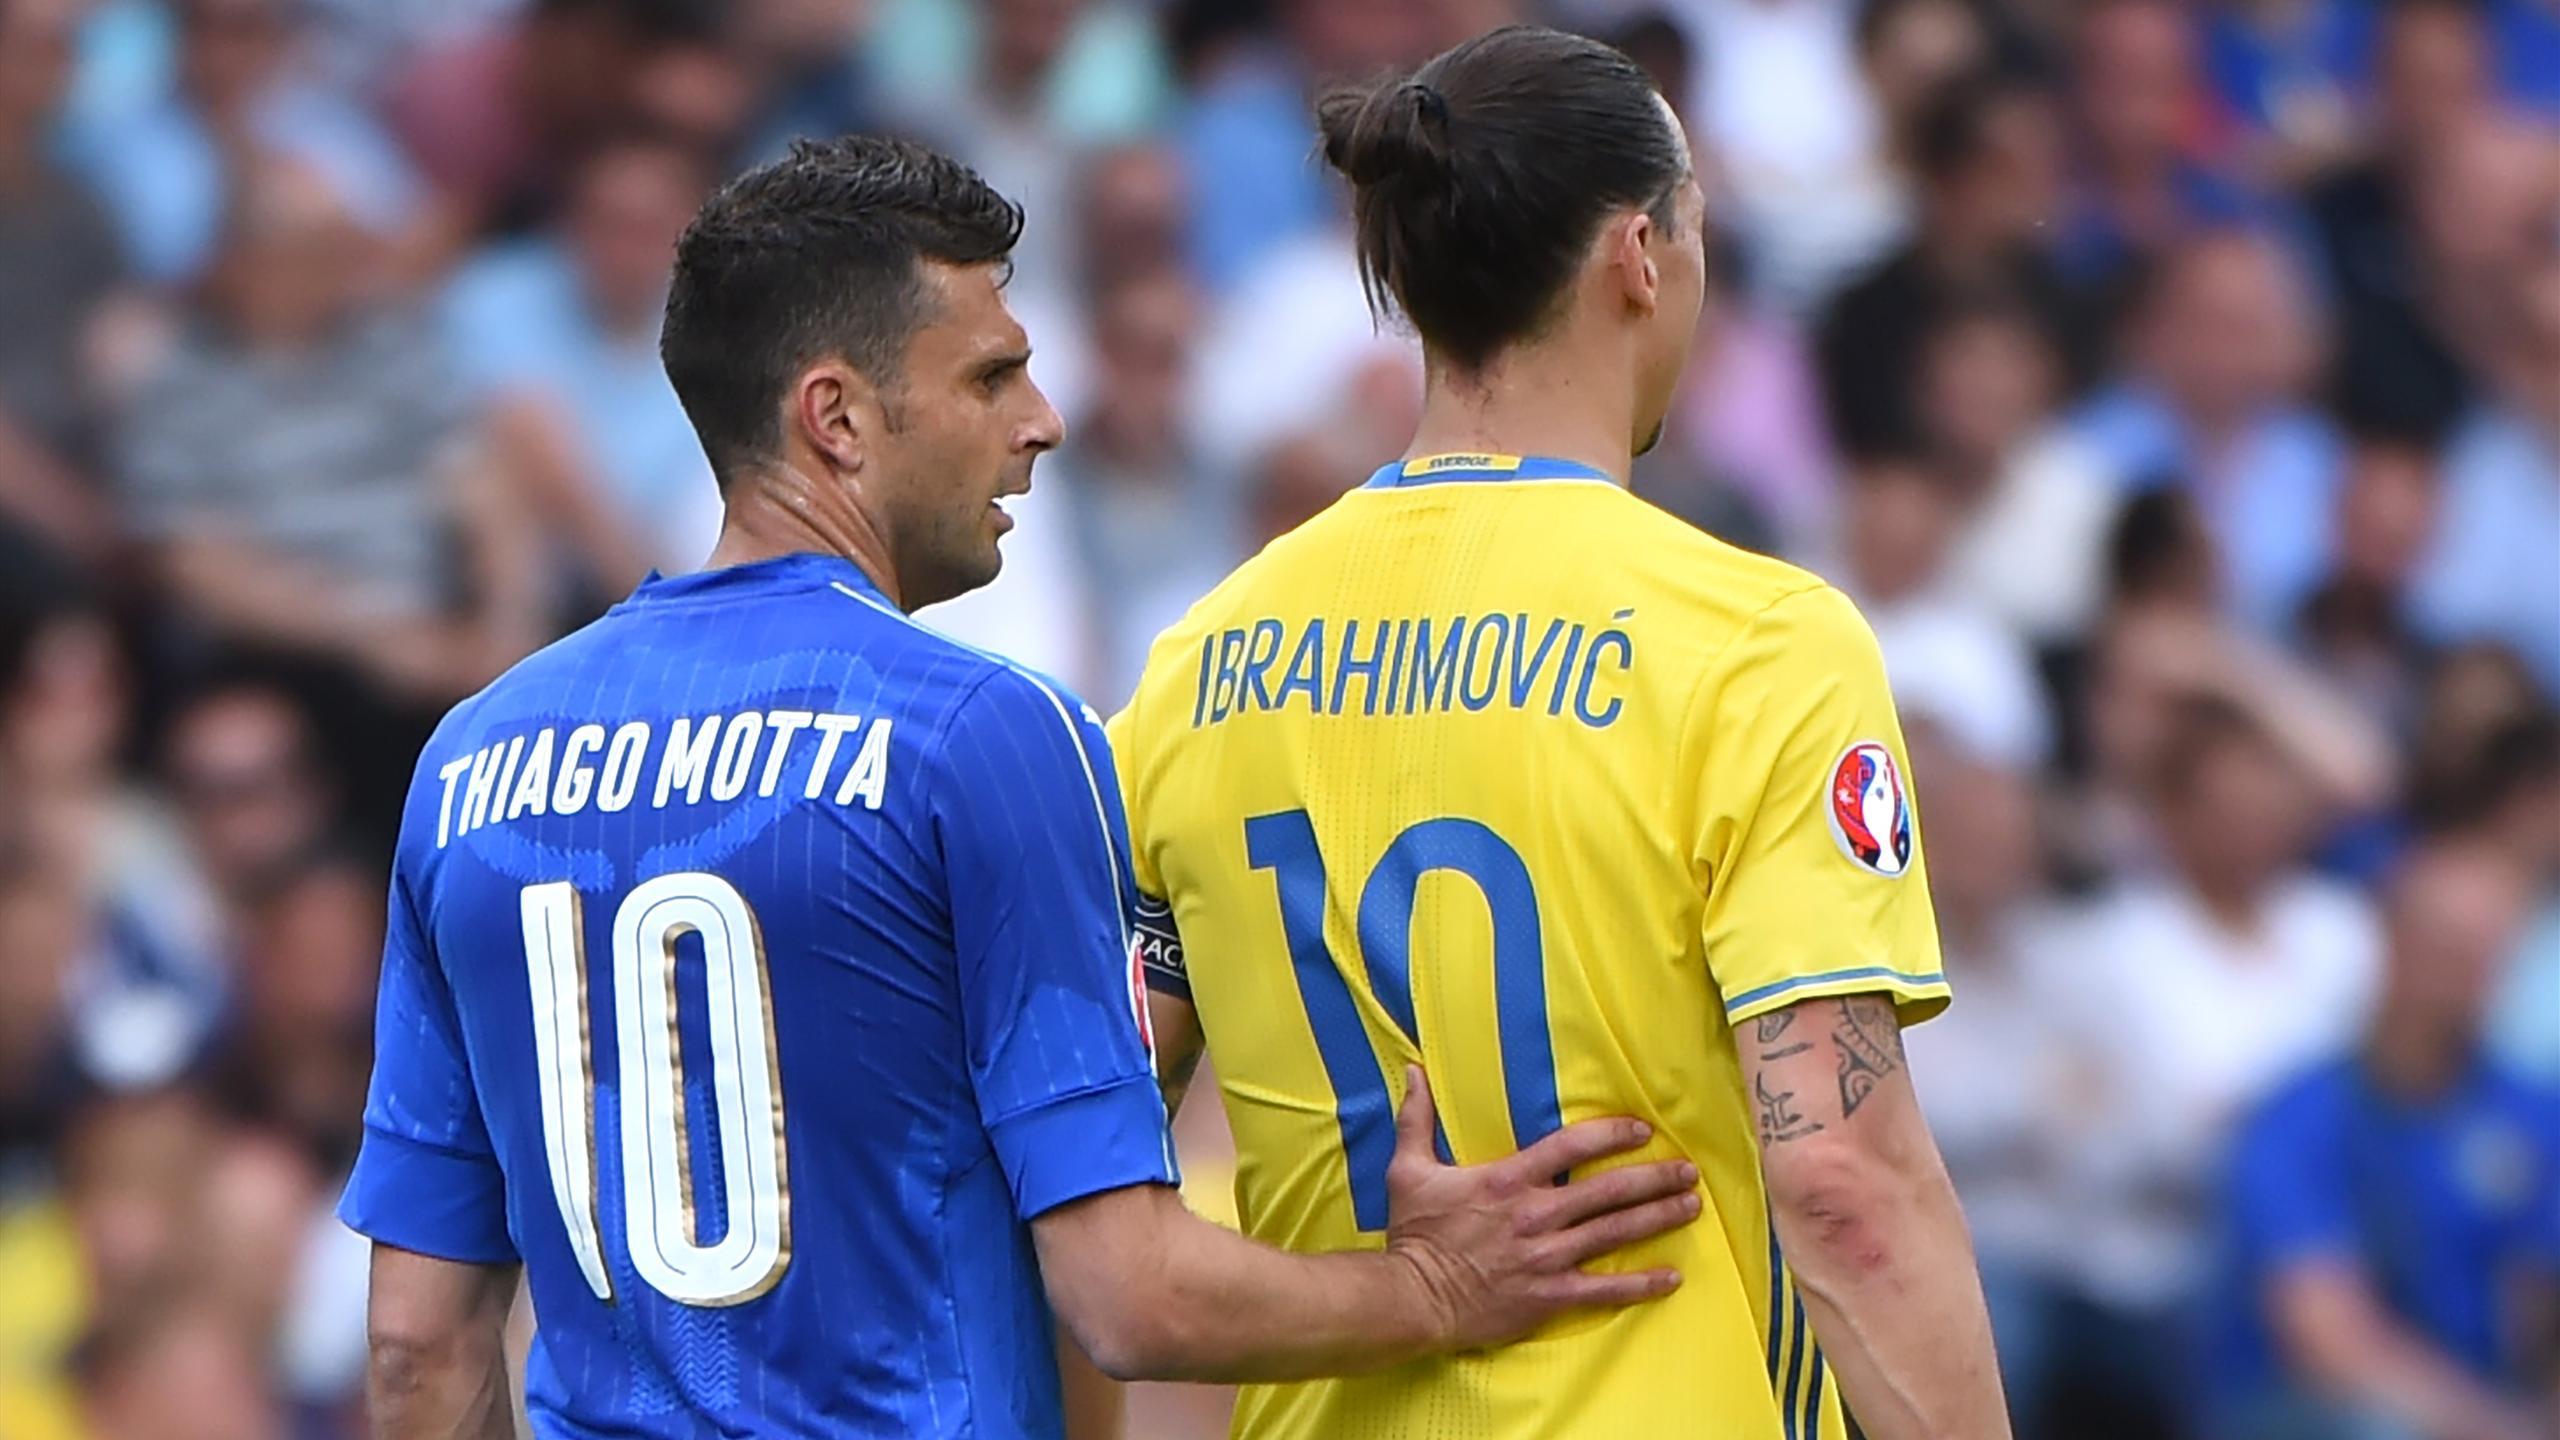 Motta Ibrahimovic - Italy v Sweden - Euro 2016